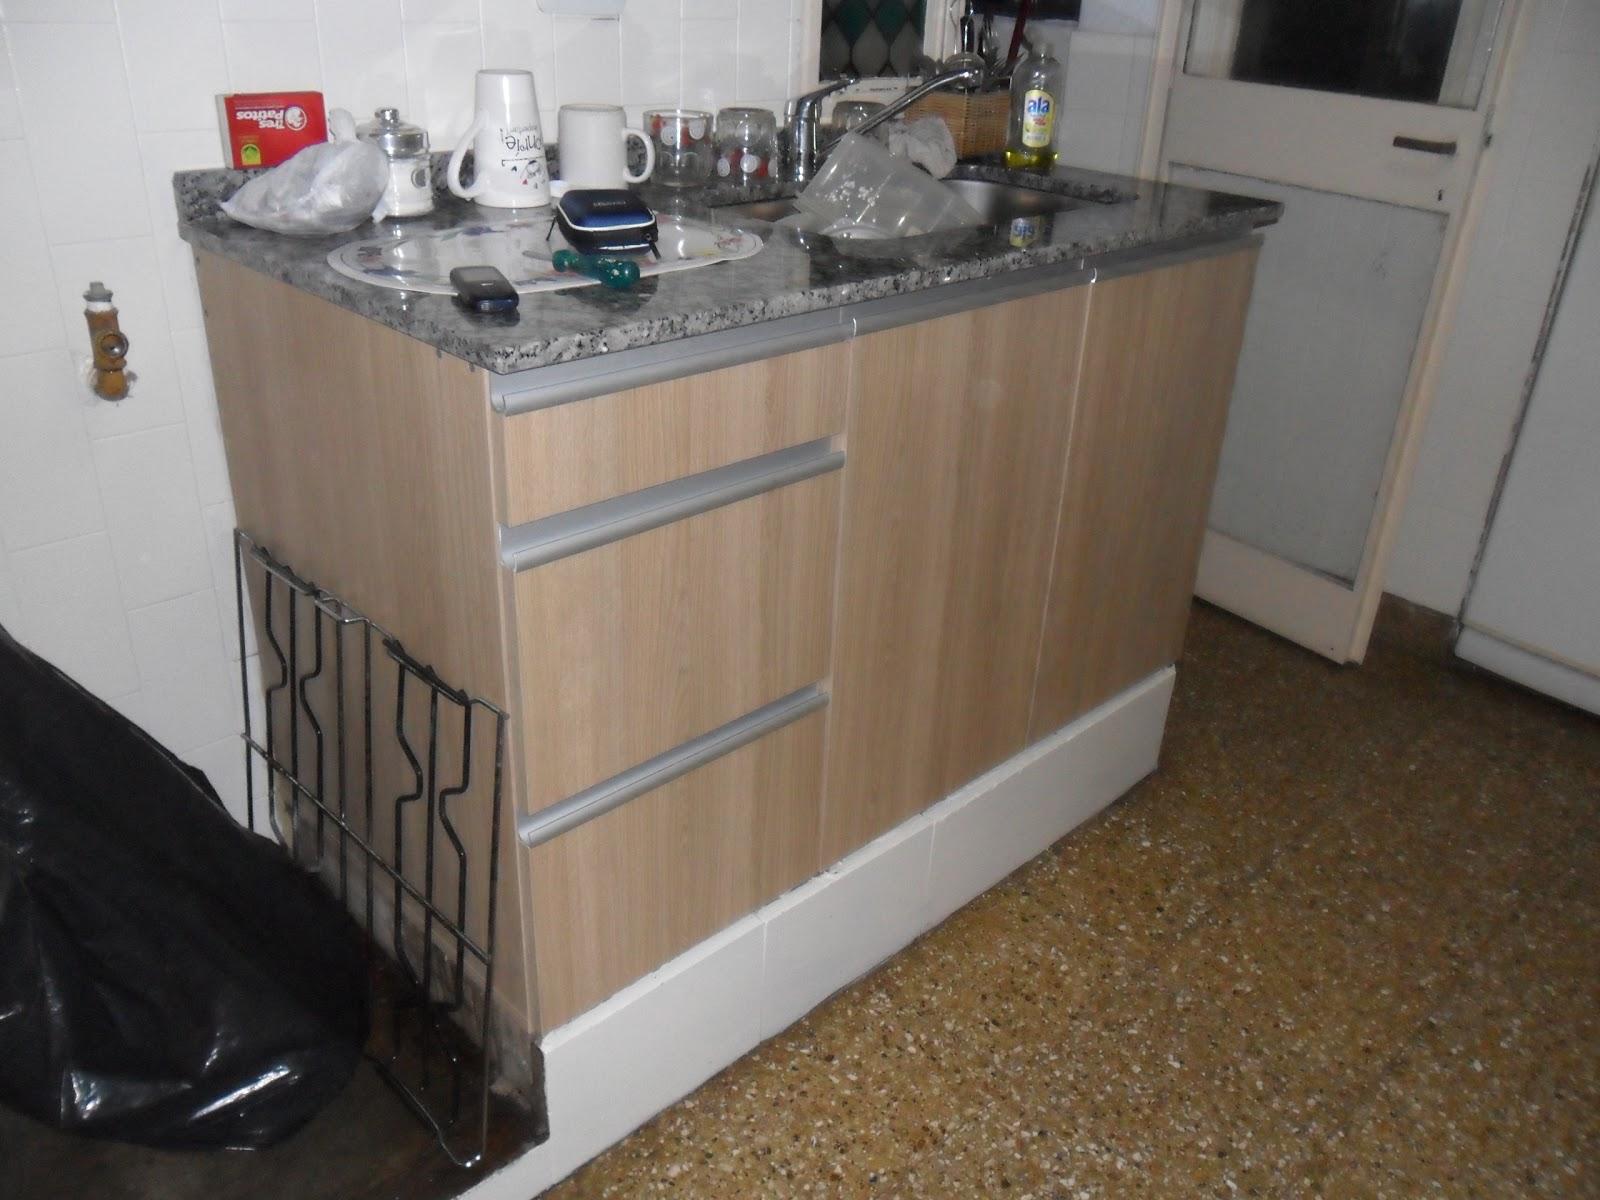 Gl interiores muebles de cocina - Interiores de muebles de cocina ...